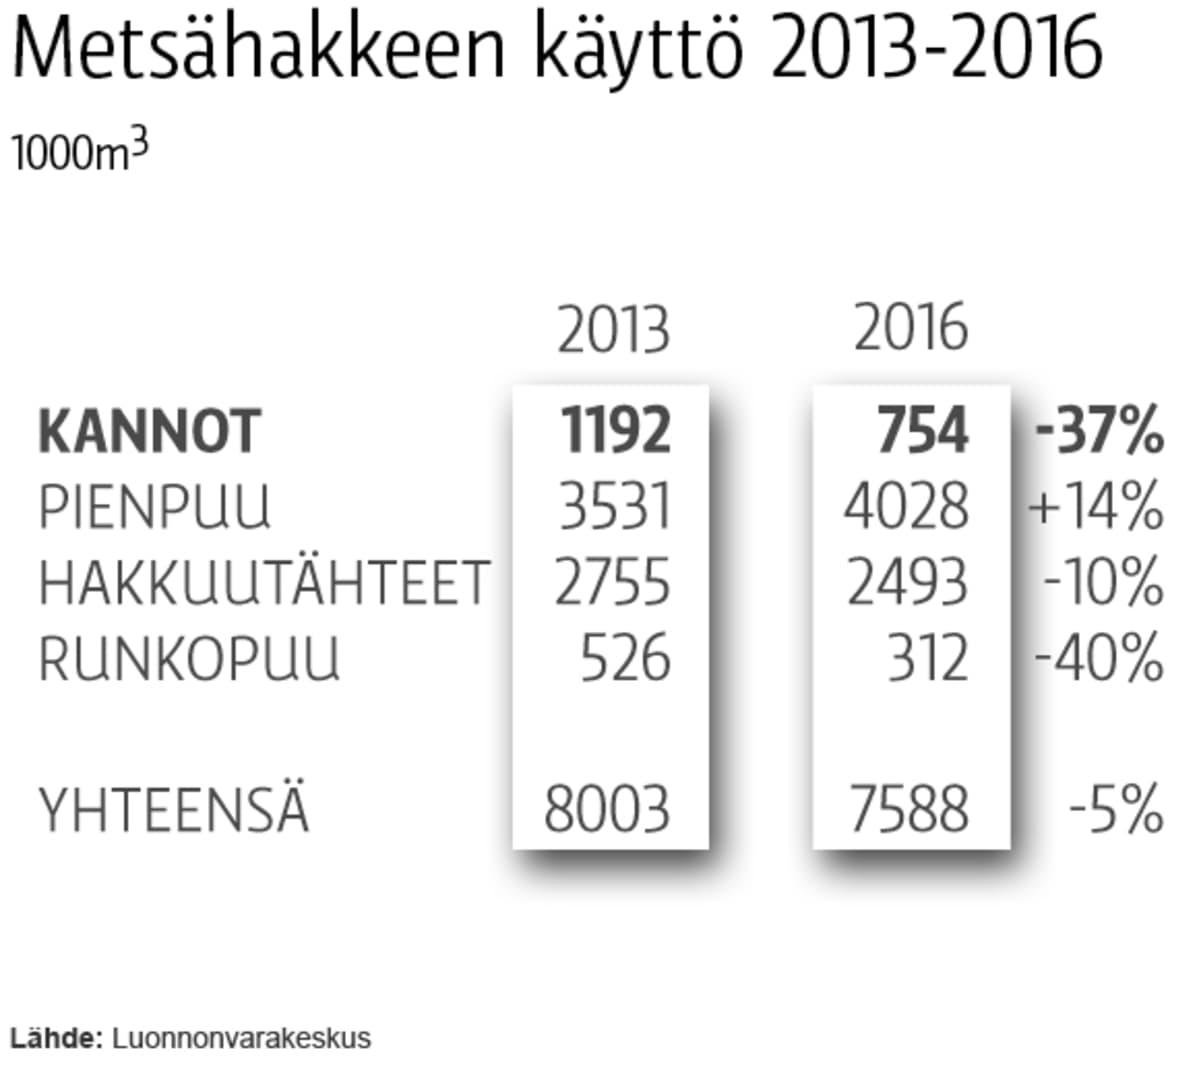 Metsähakkeen käyttö 2013-2016